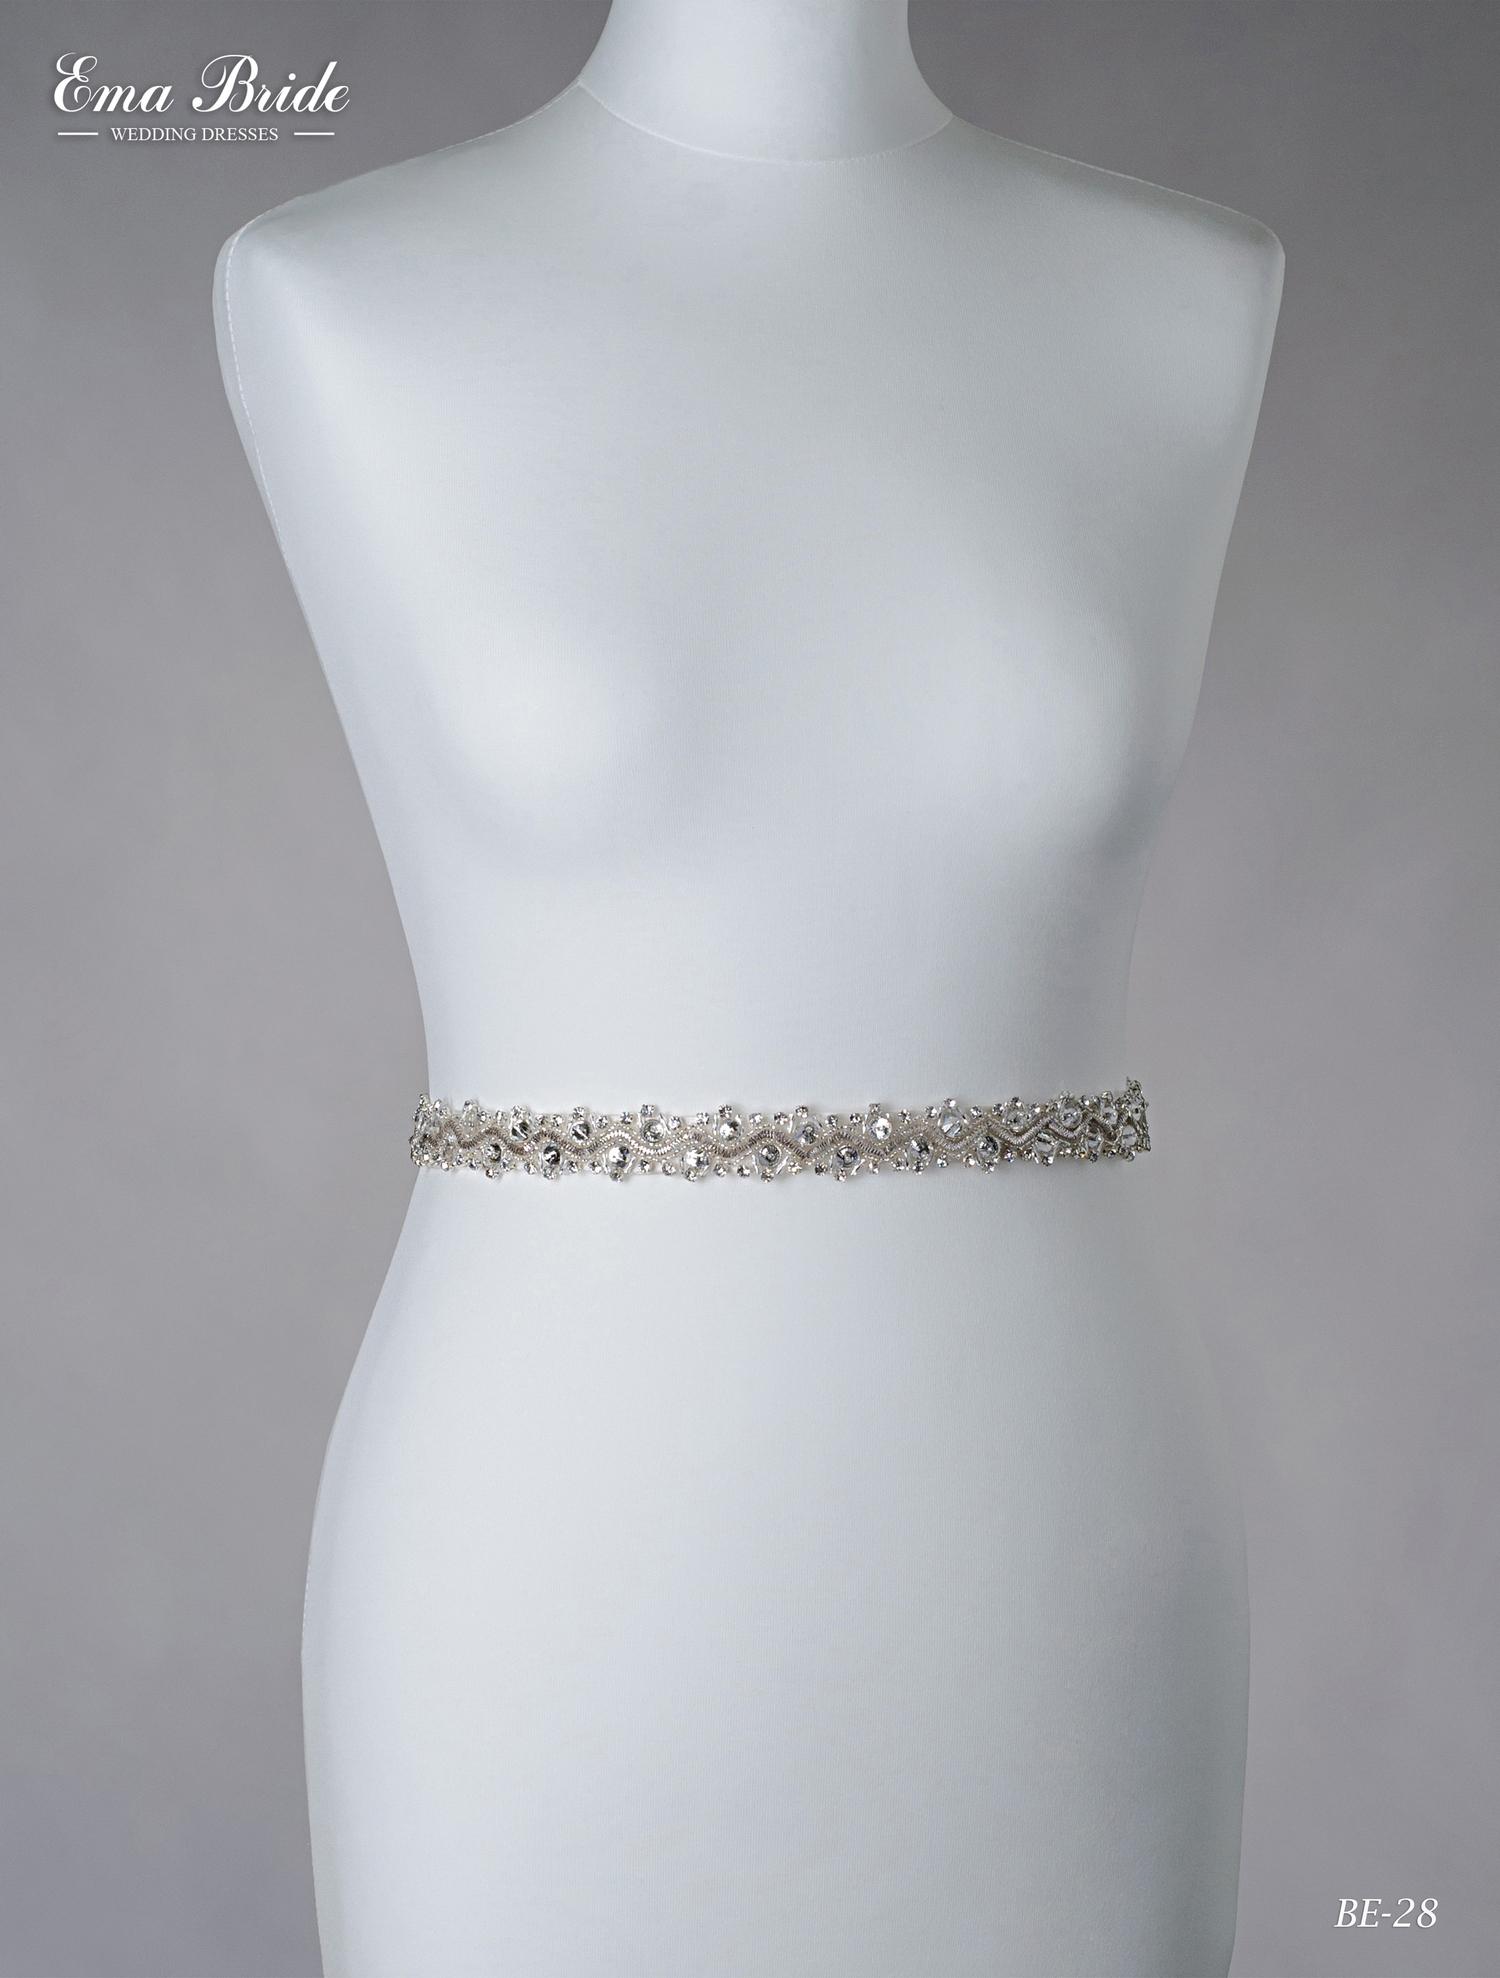 A belt for a wedding dress Be-28